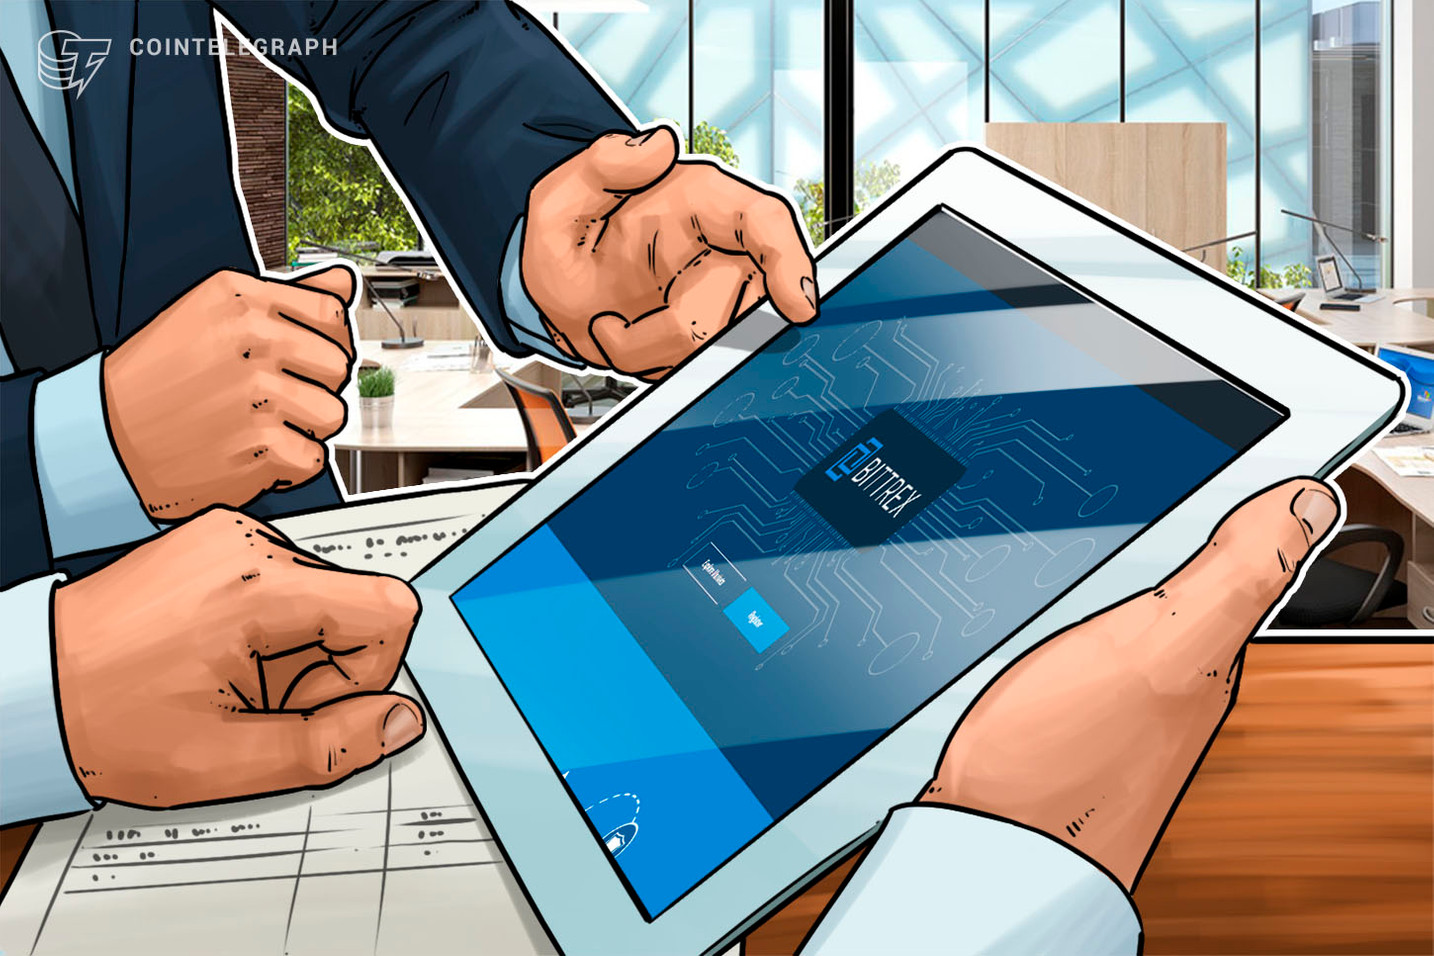 Menjačnica kriptovaluta Bittrex ponovo otvara registraciju, korisnici kritikuju novi interfejs